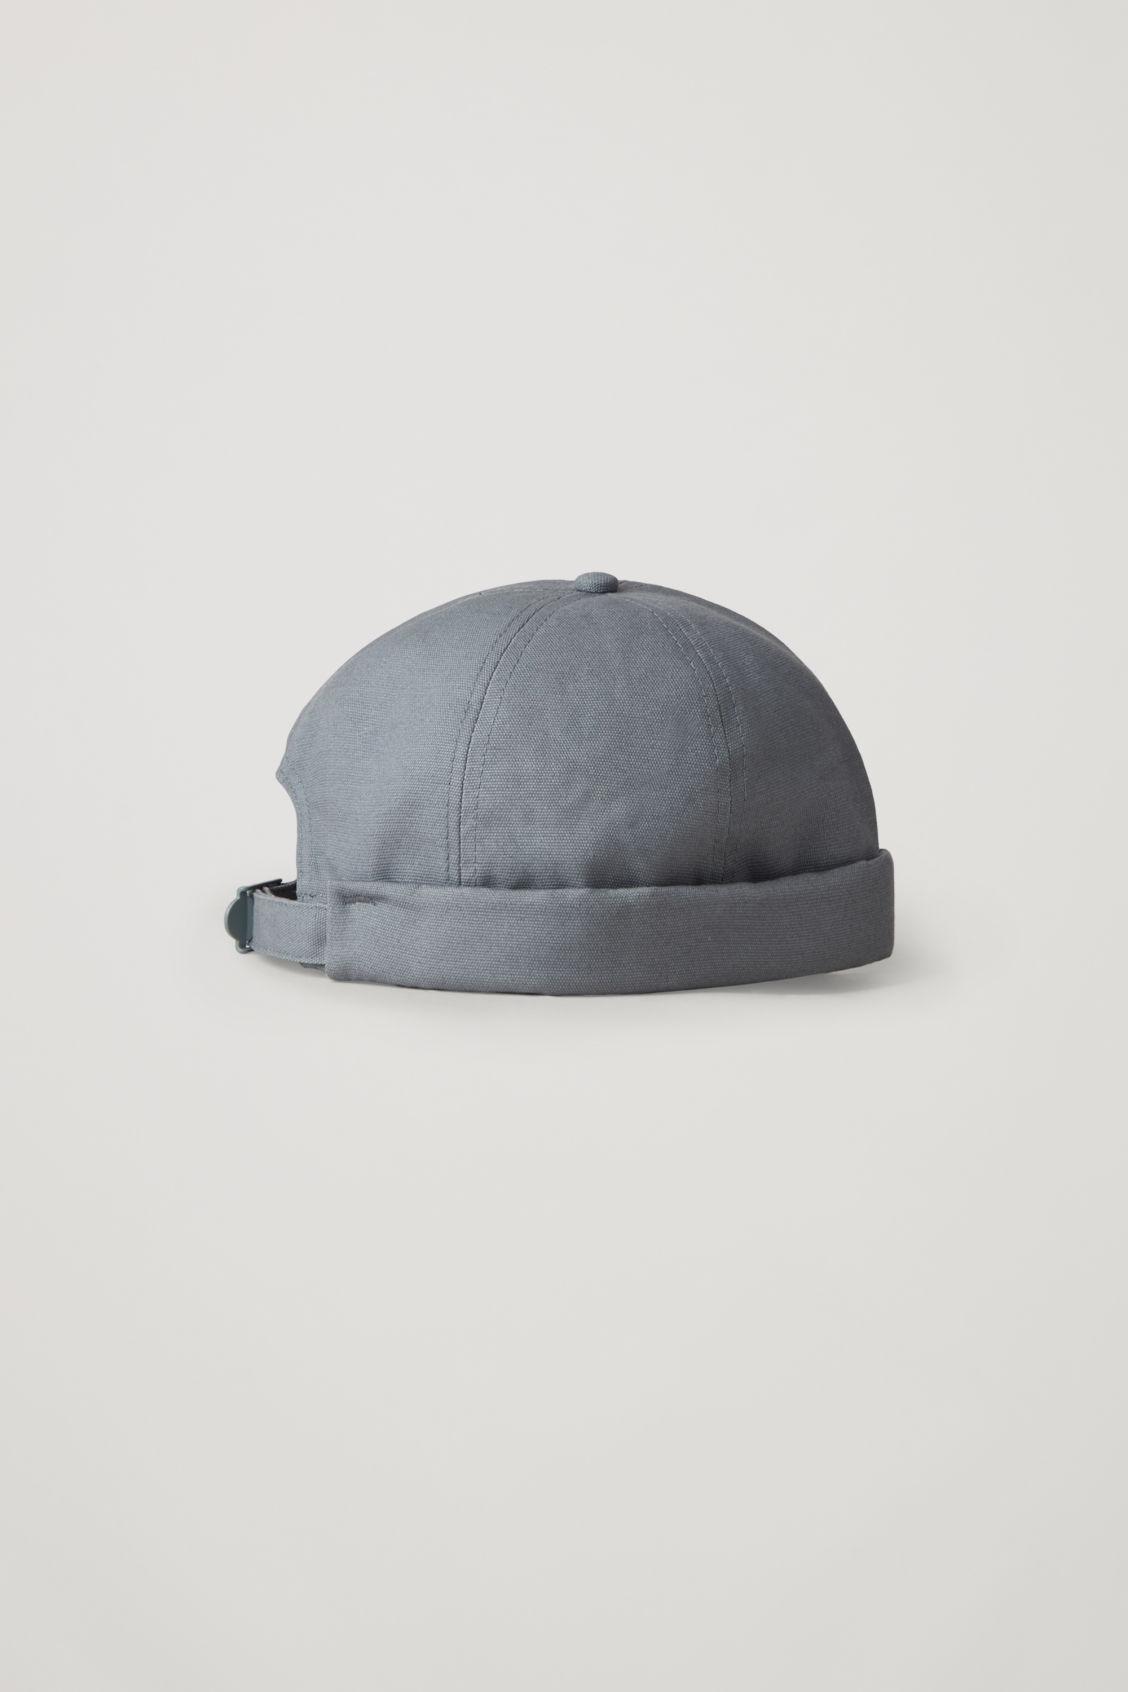 Cos Cotton Skull Cap In Blue